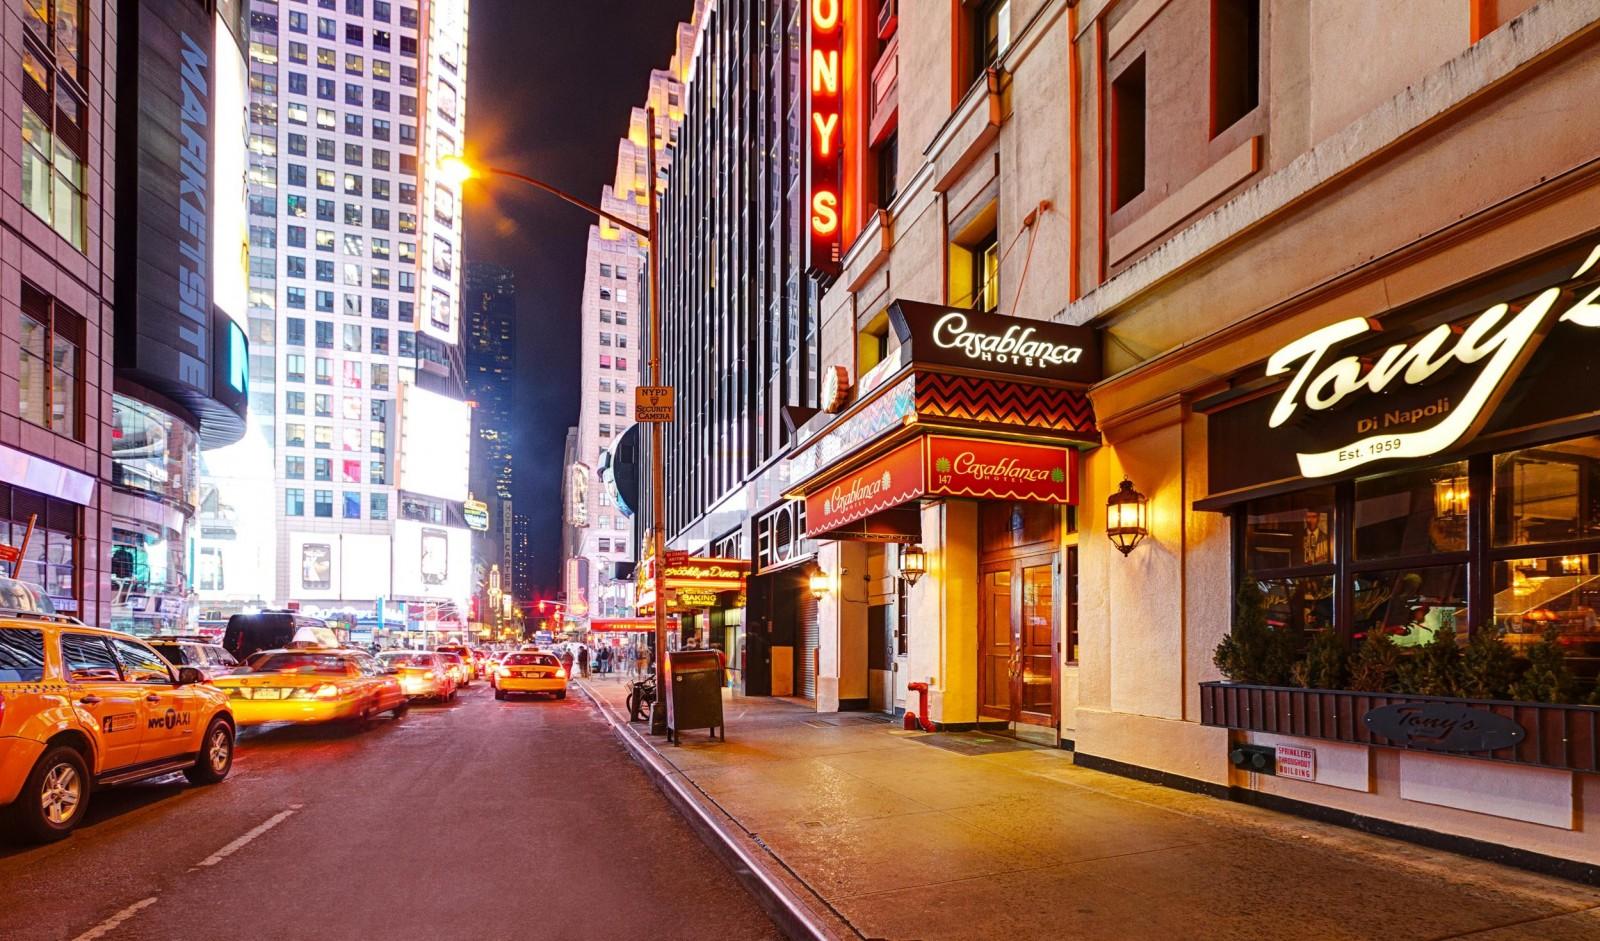 Casablanca Hotel. Manhattan Digest